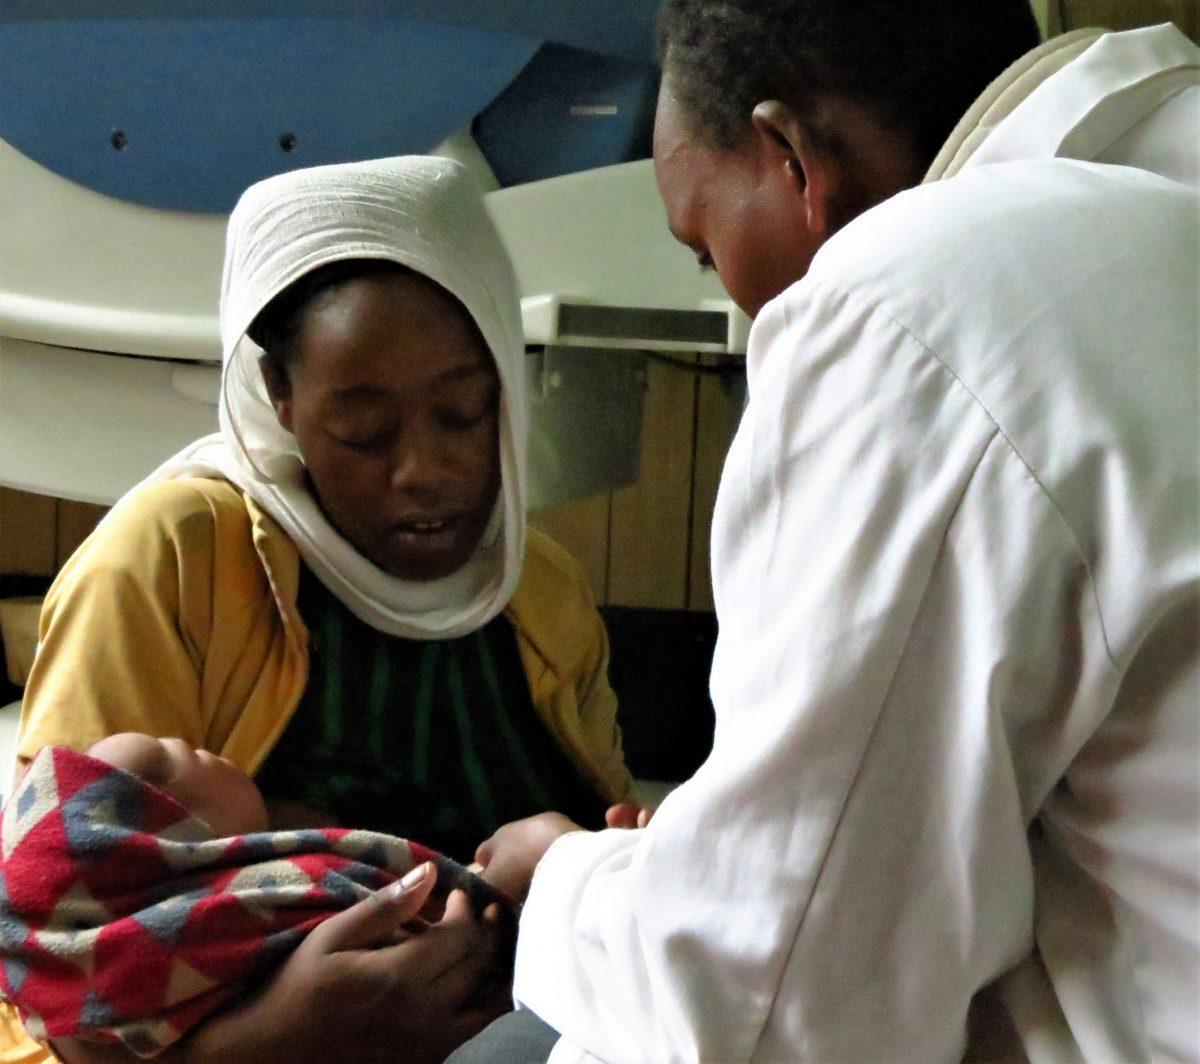 Por qué debes confiar en el médico que se ducha por las noches alegria gambo alegria sin fronteras etiopia